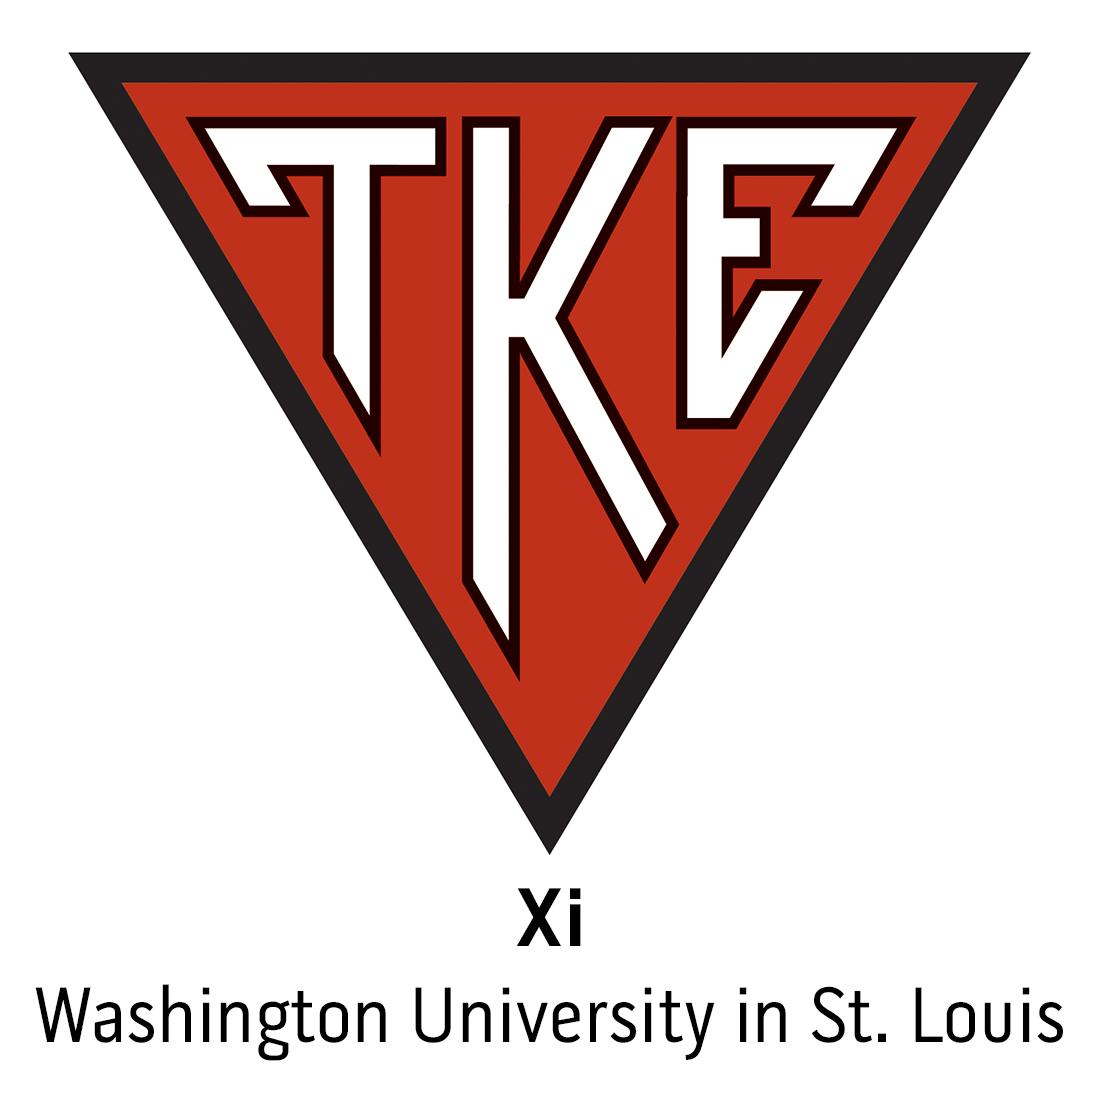 Xi Chapter at Washington University